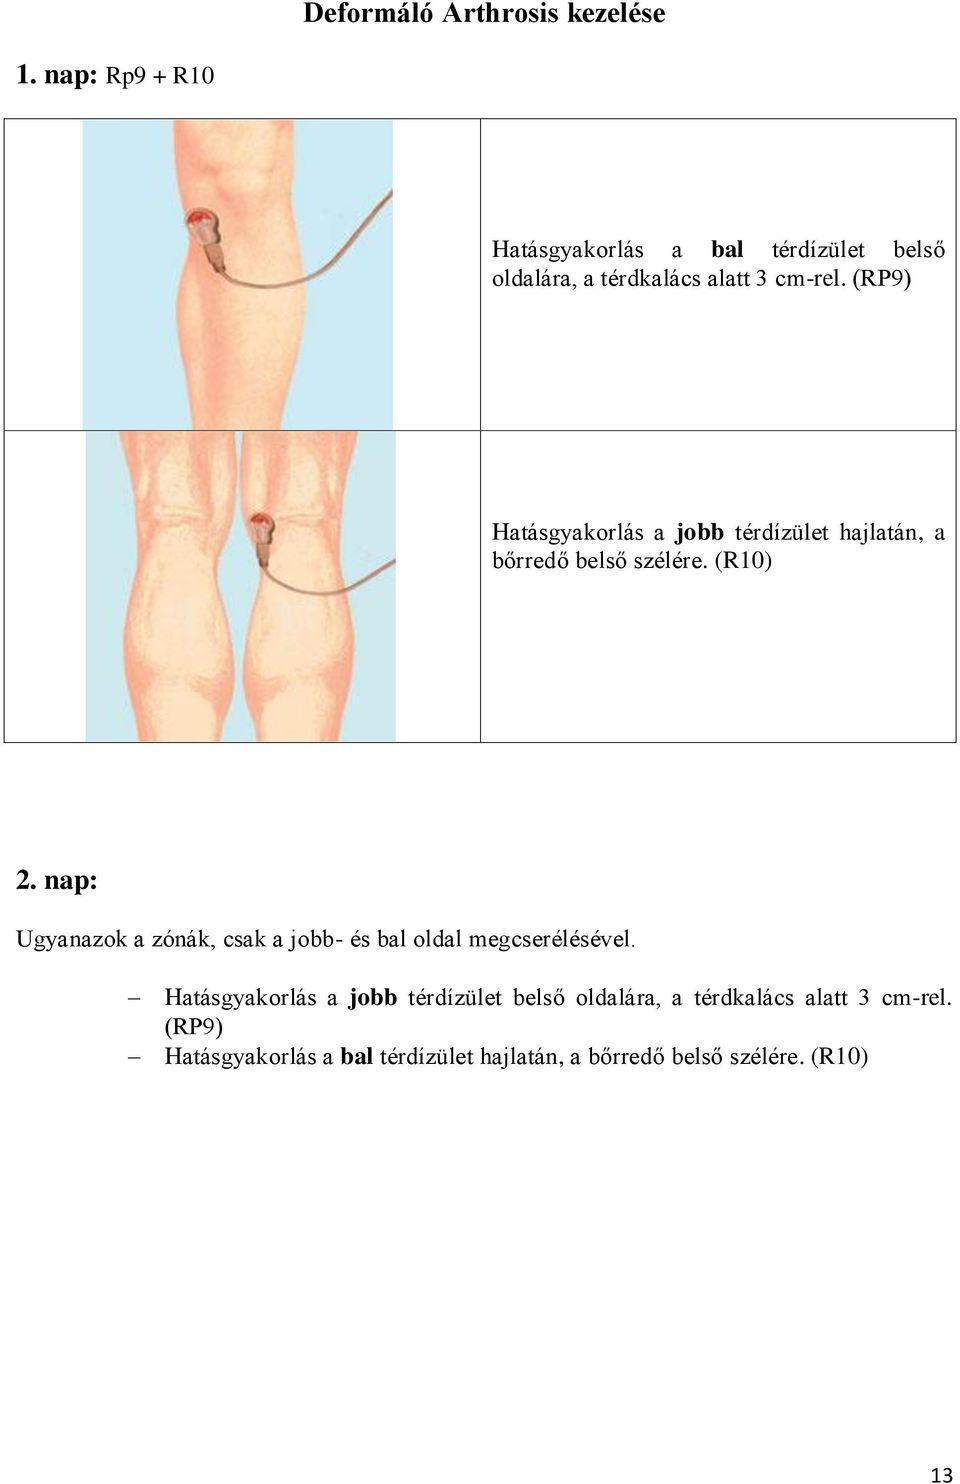 orvosi epe az artrózis kezelésében